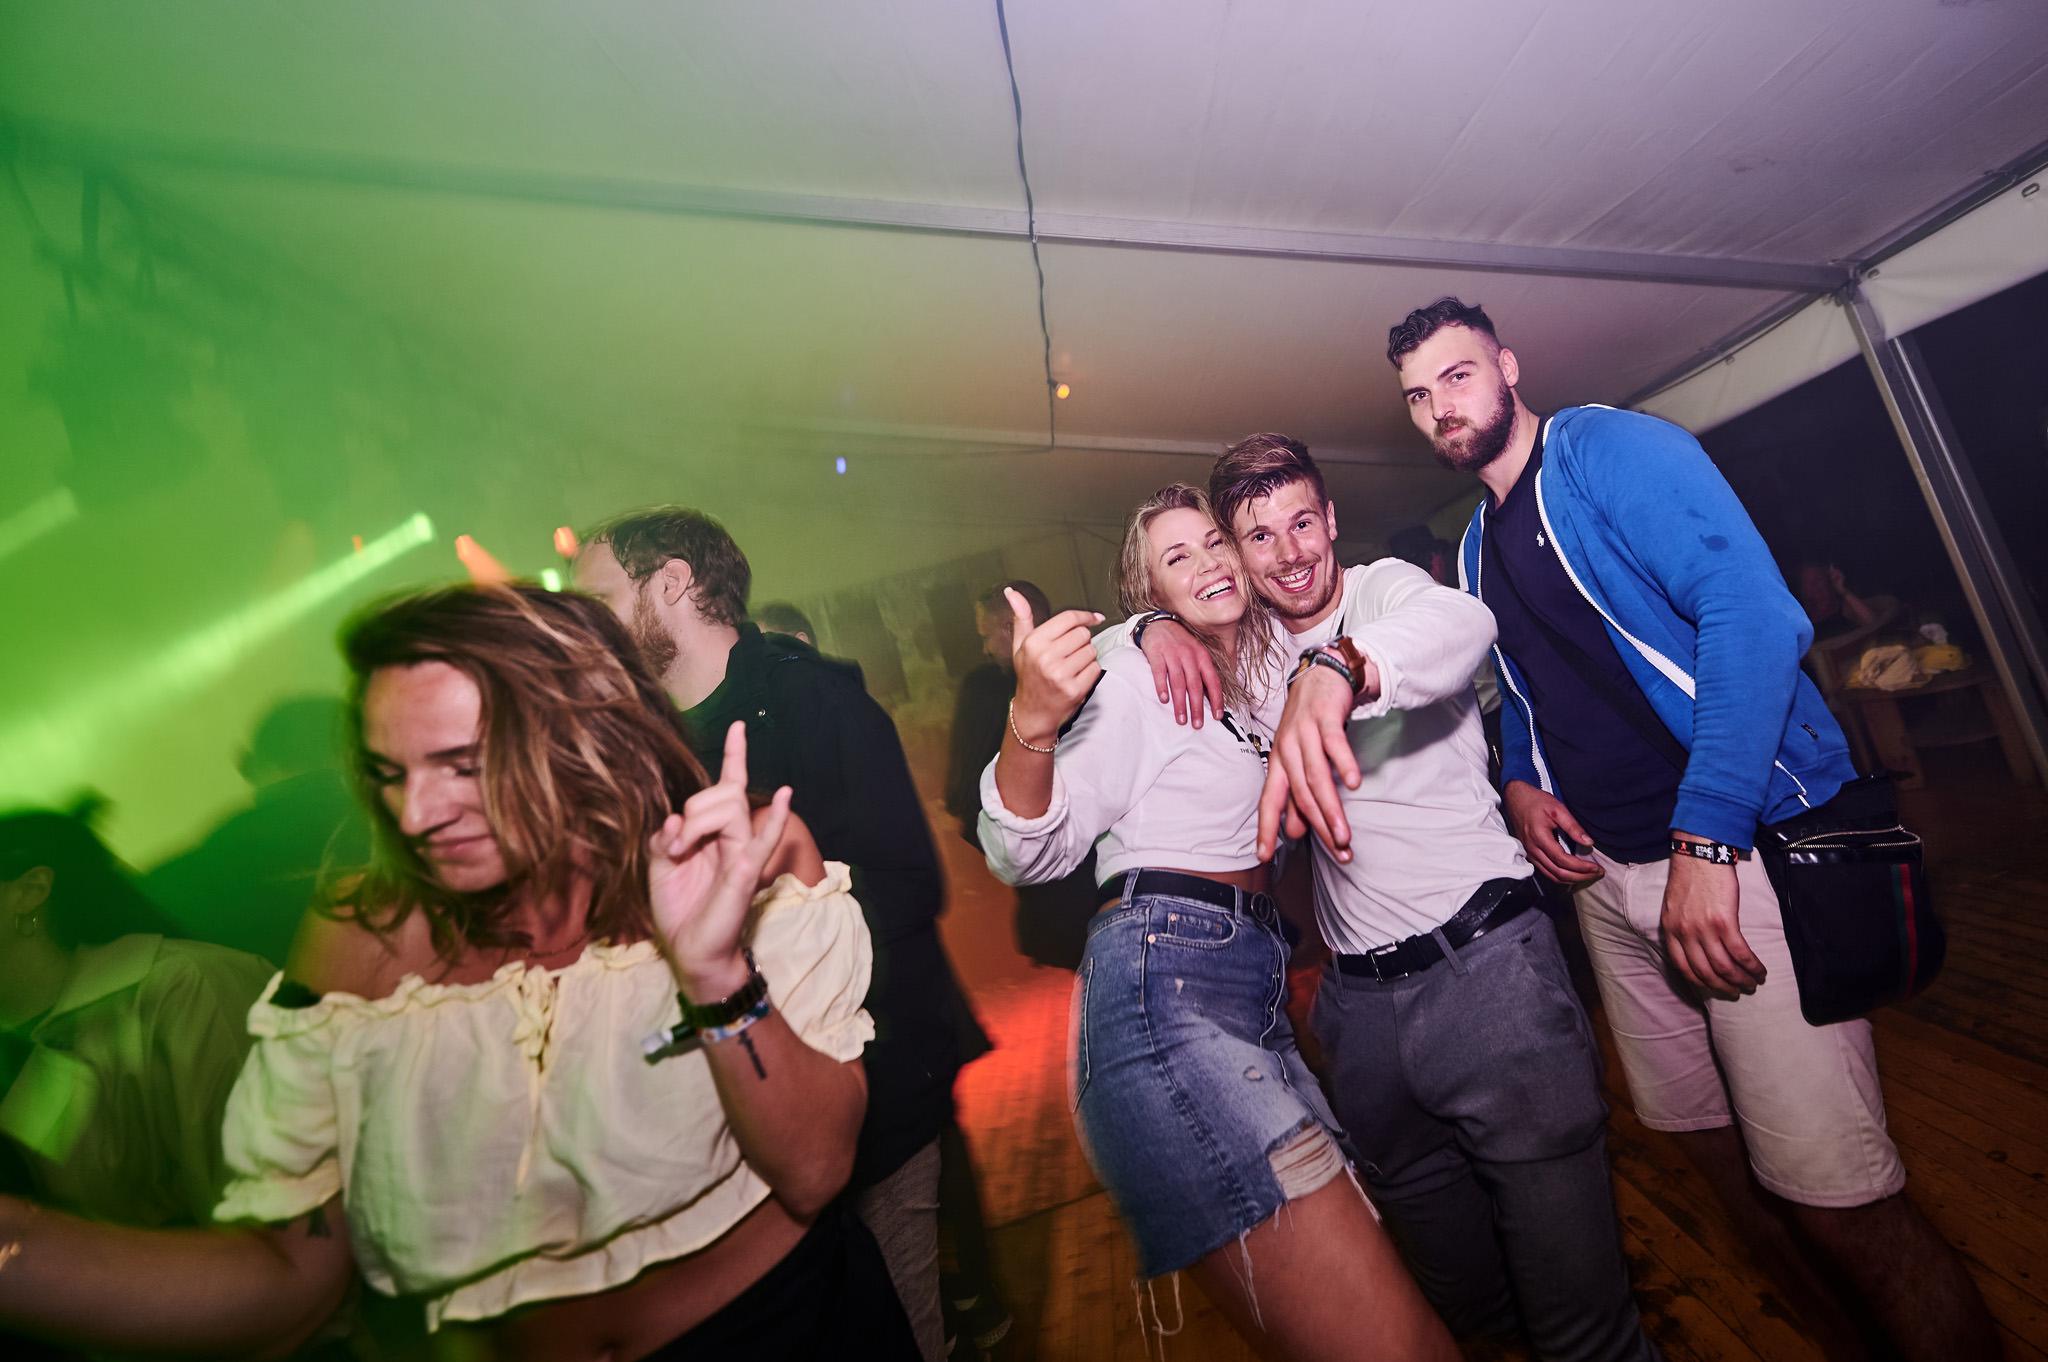 Dansegulvet i Vores Bar